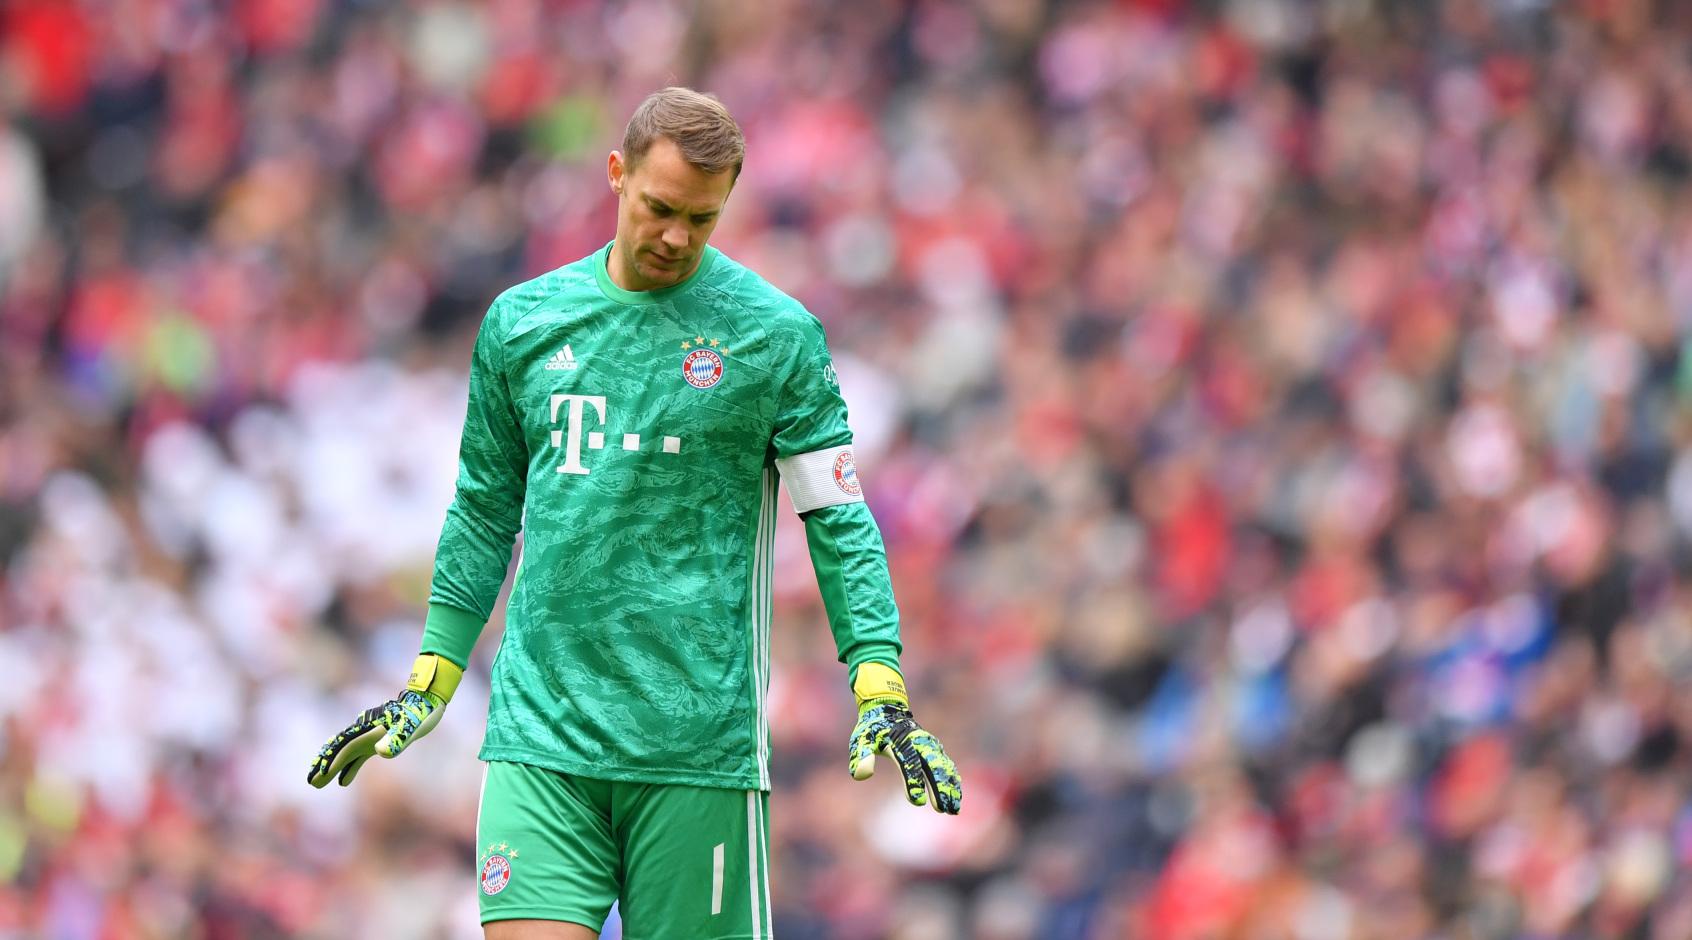 """""""Бавария"""" и агент Мануэля Нойера неудачно завершили переговоры о новом контракте голкипера"""